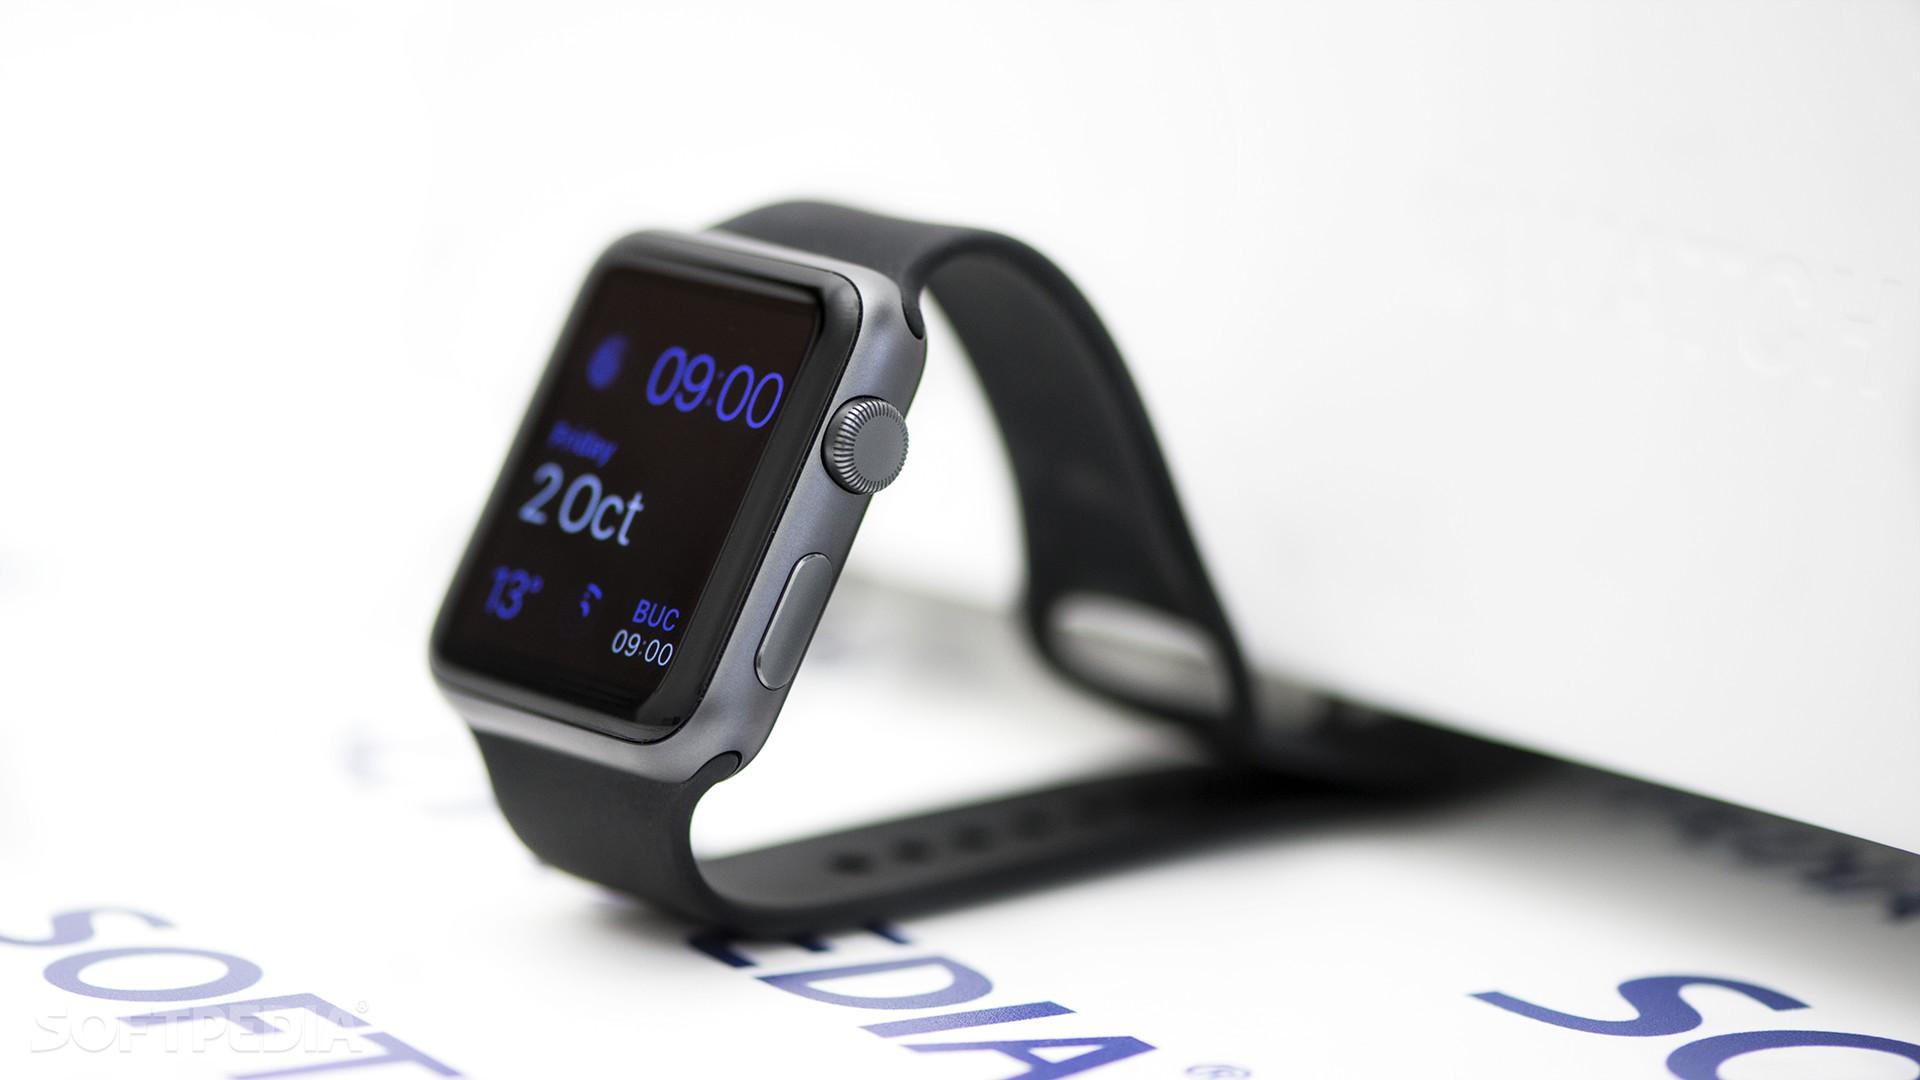 Apple рассказала об Apple Watch 4, которые записывают ЭКГ и вызовут скорую, когда вы упадете